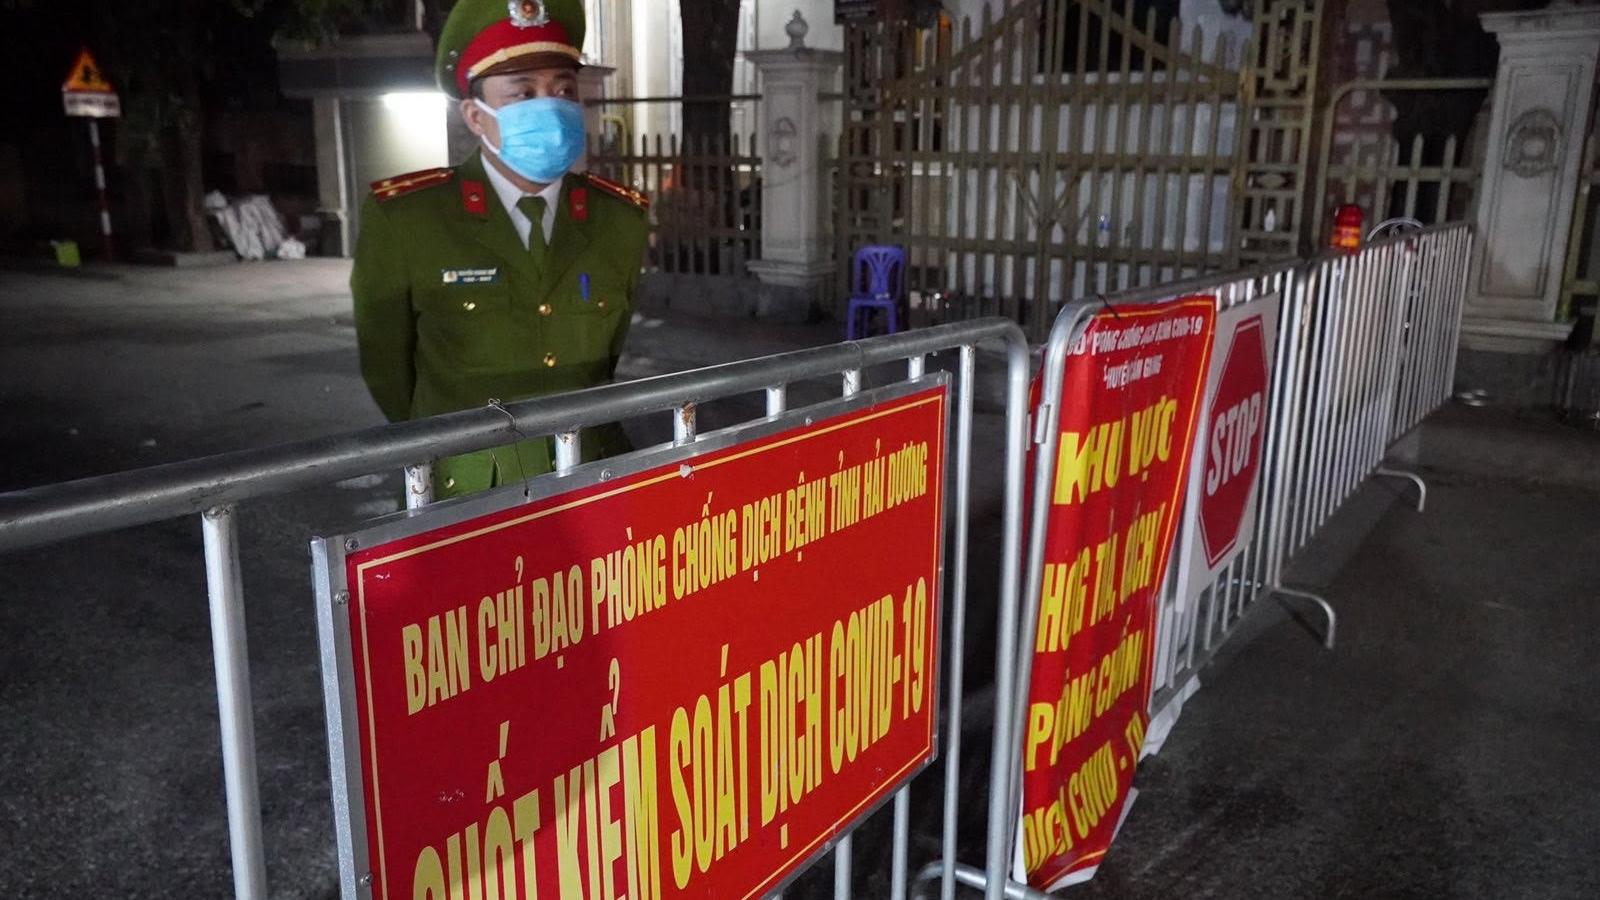 Hải Dương: Thiết lập vùng cách ly y tế 14 ngày toàn bộ  xã Kim Đính